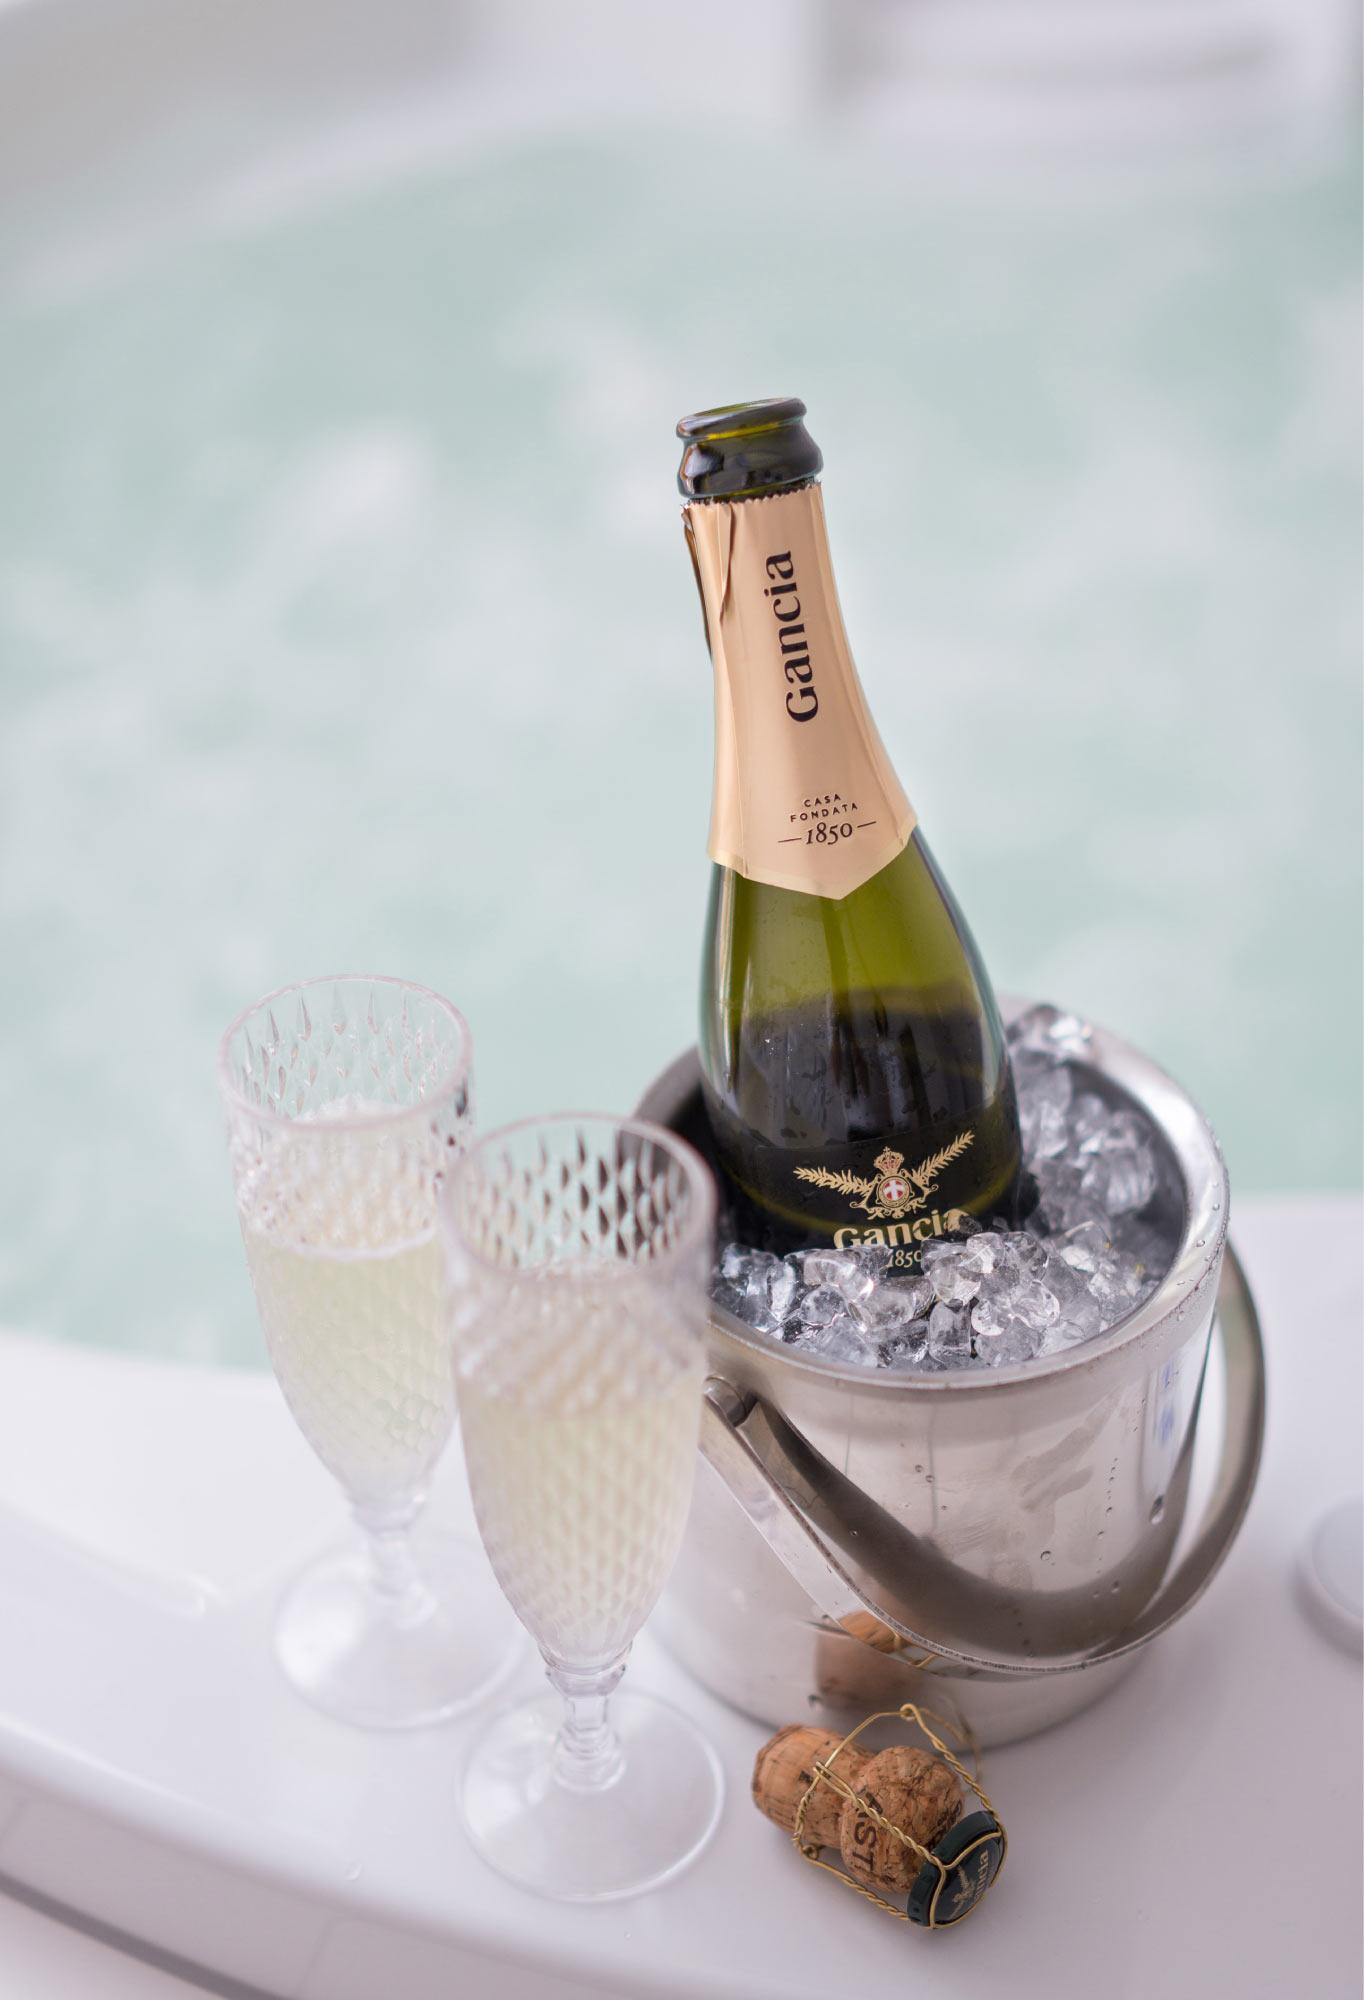 ジェットバス シャンパン